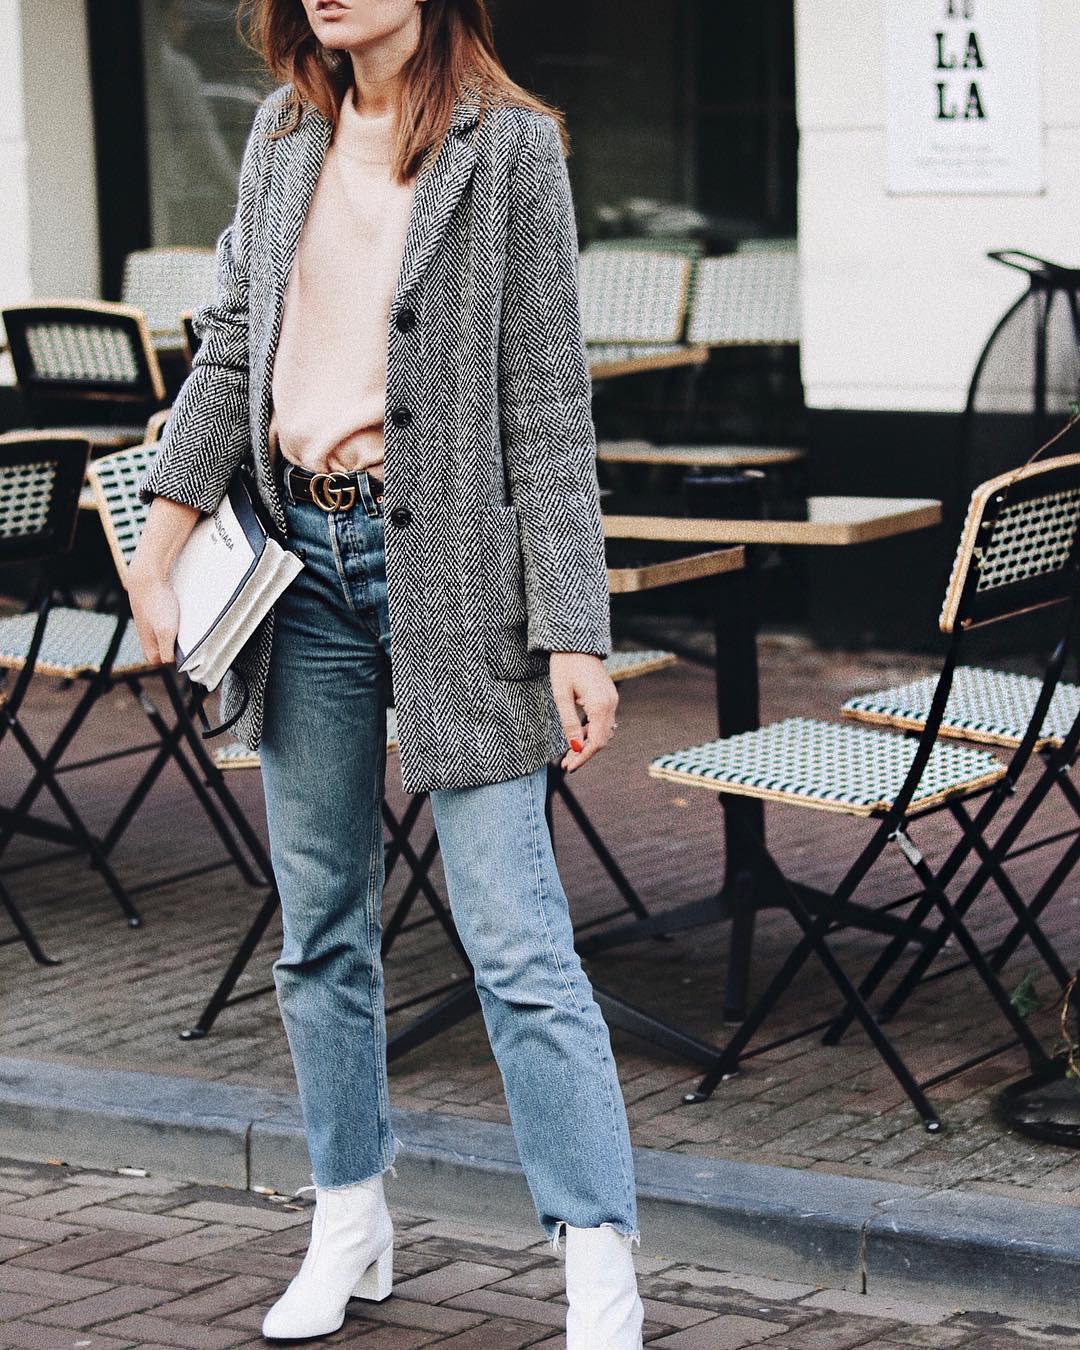 Высоким девушкам стилисты советуют носить удлиненные жакеты прямого кроя. Такие модели красиво сочетаются слюбыми нарядами, а также обувью – ты сможешь носить удлиненный жакет ис обувью...